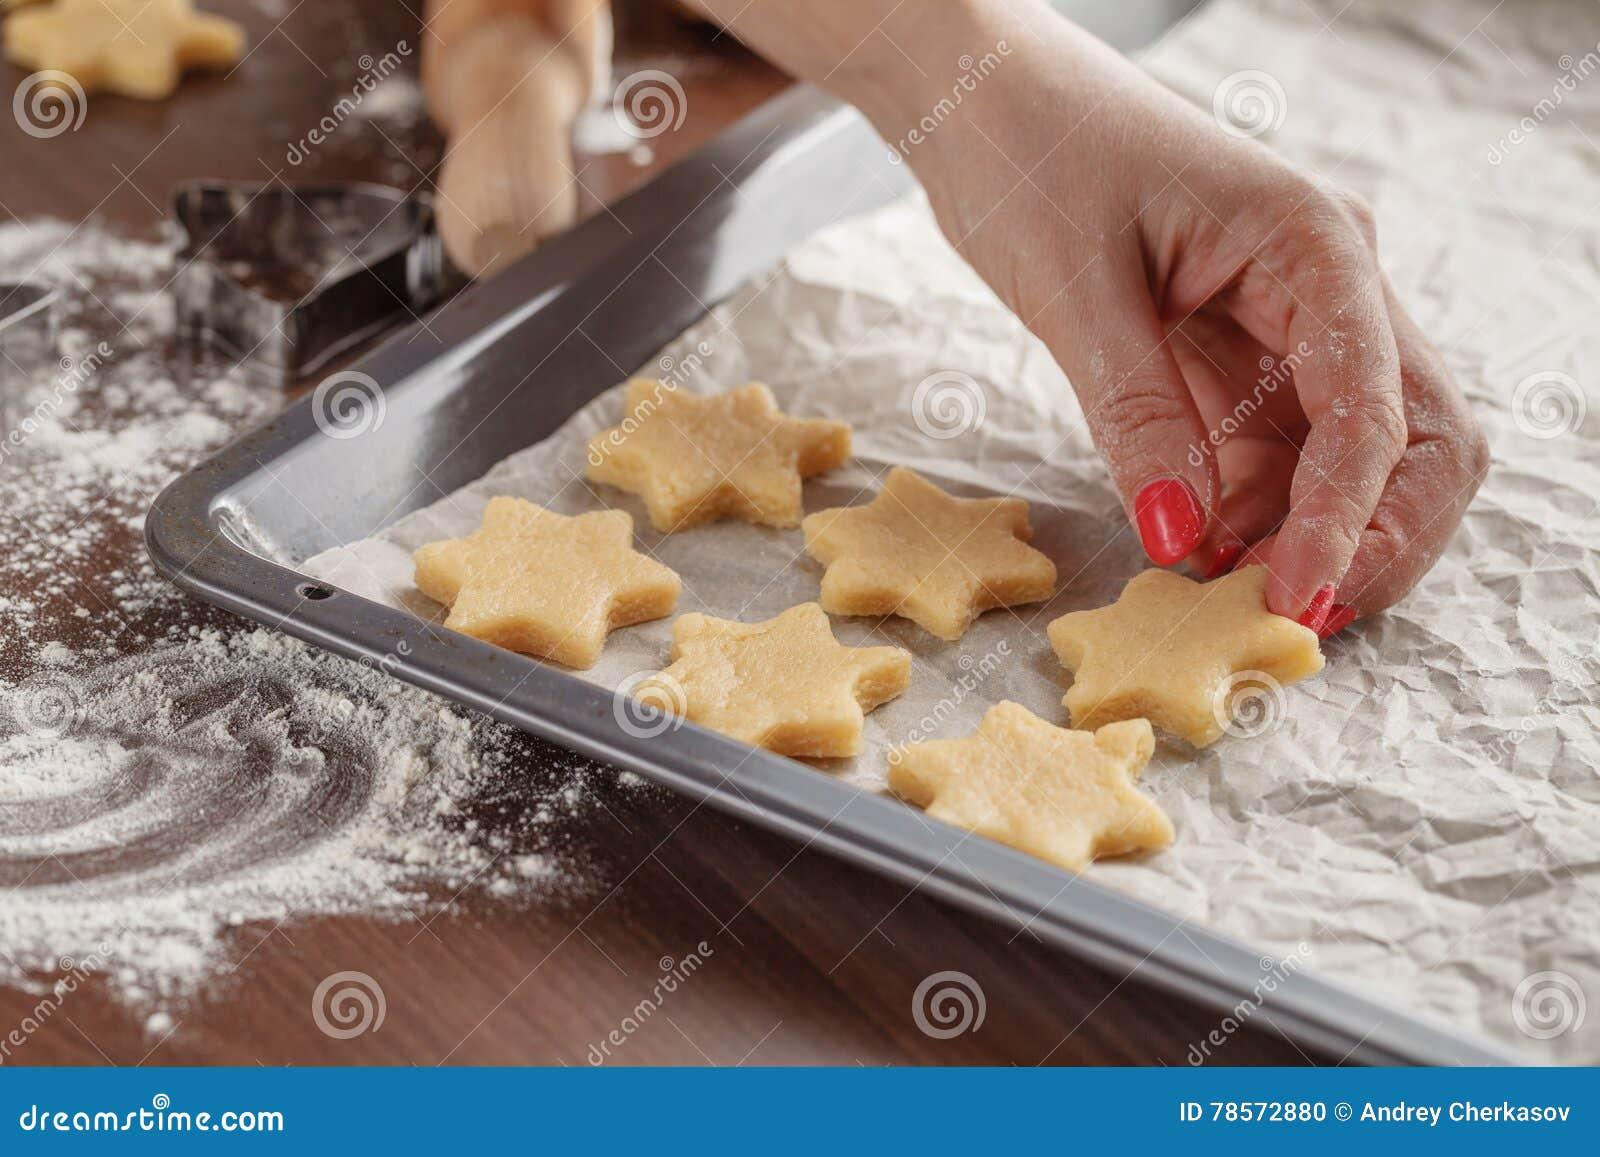 自创烘烤,显示妇女的厨房场面举行烘烤tra